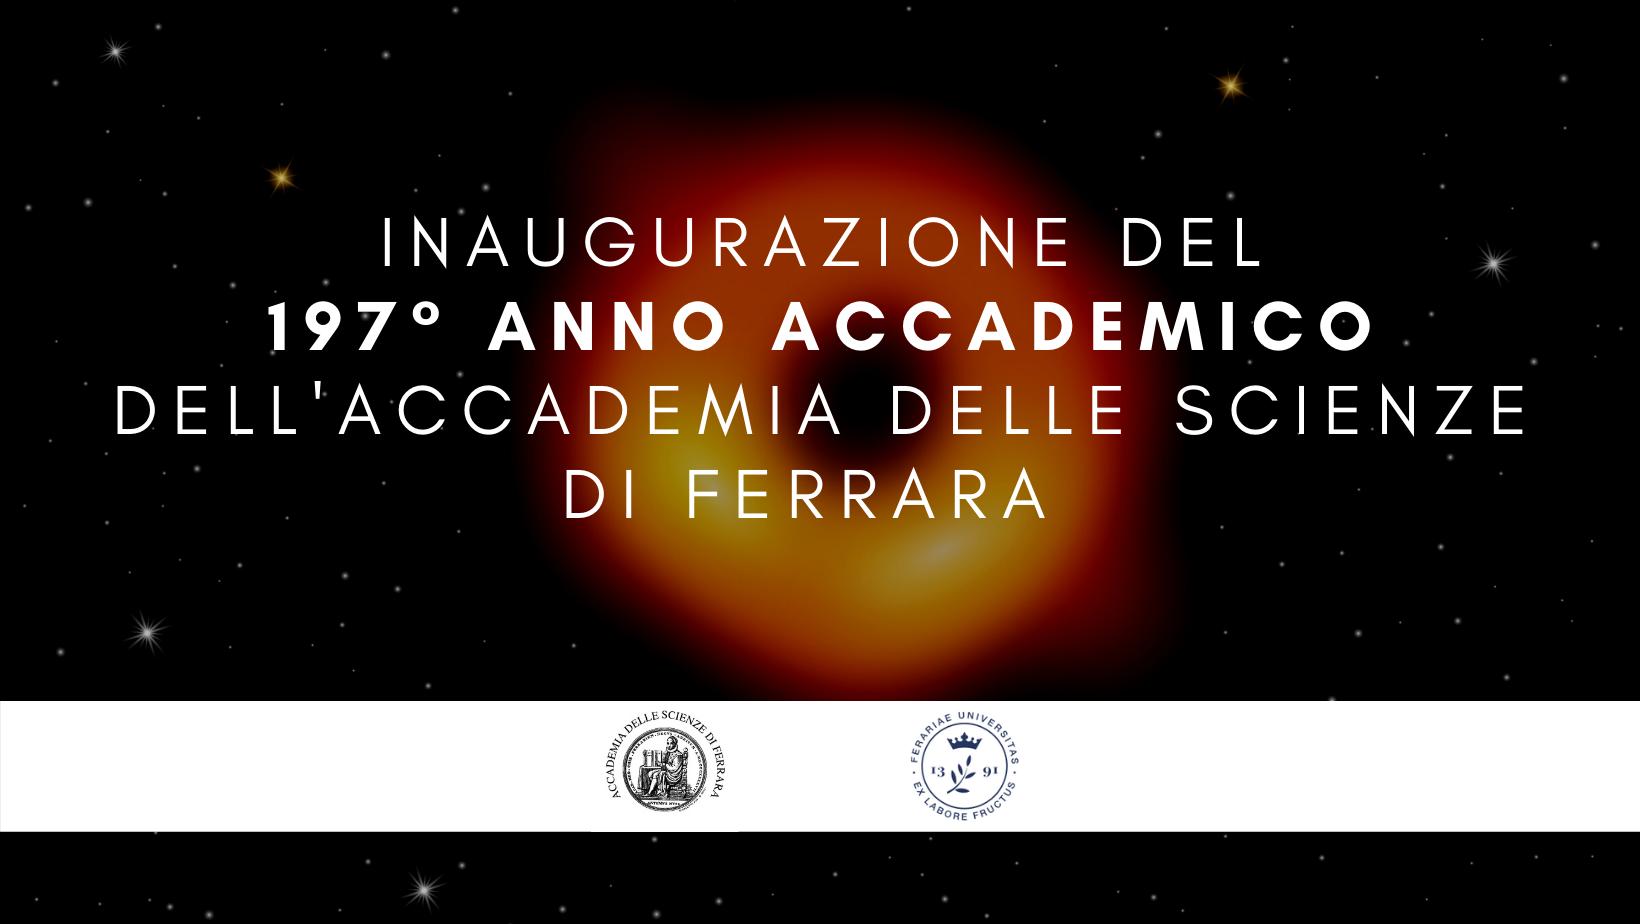 Inaugurazione CXCVII Anno Accademico dell'Accademia delle Scienze di Ferrara